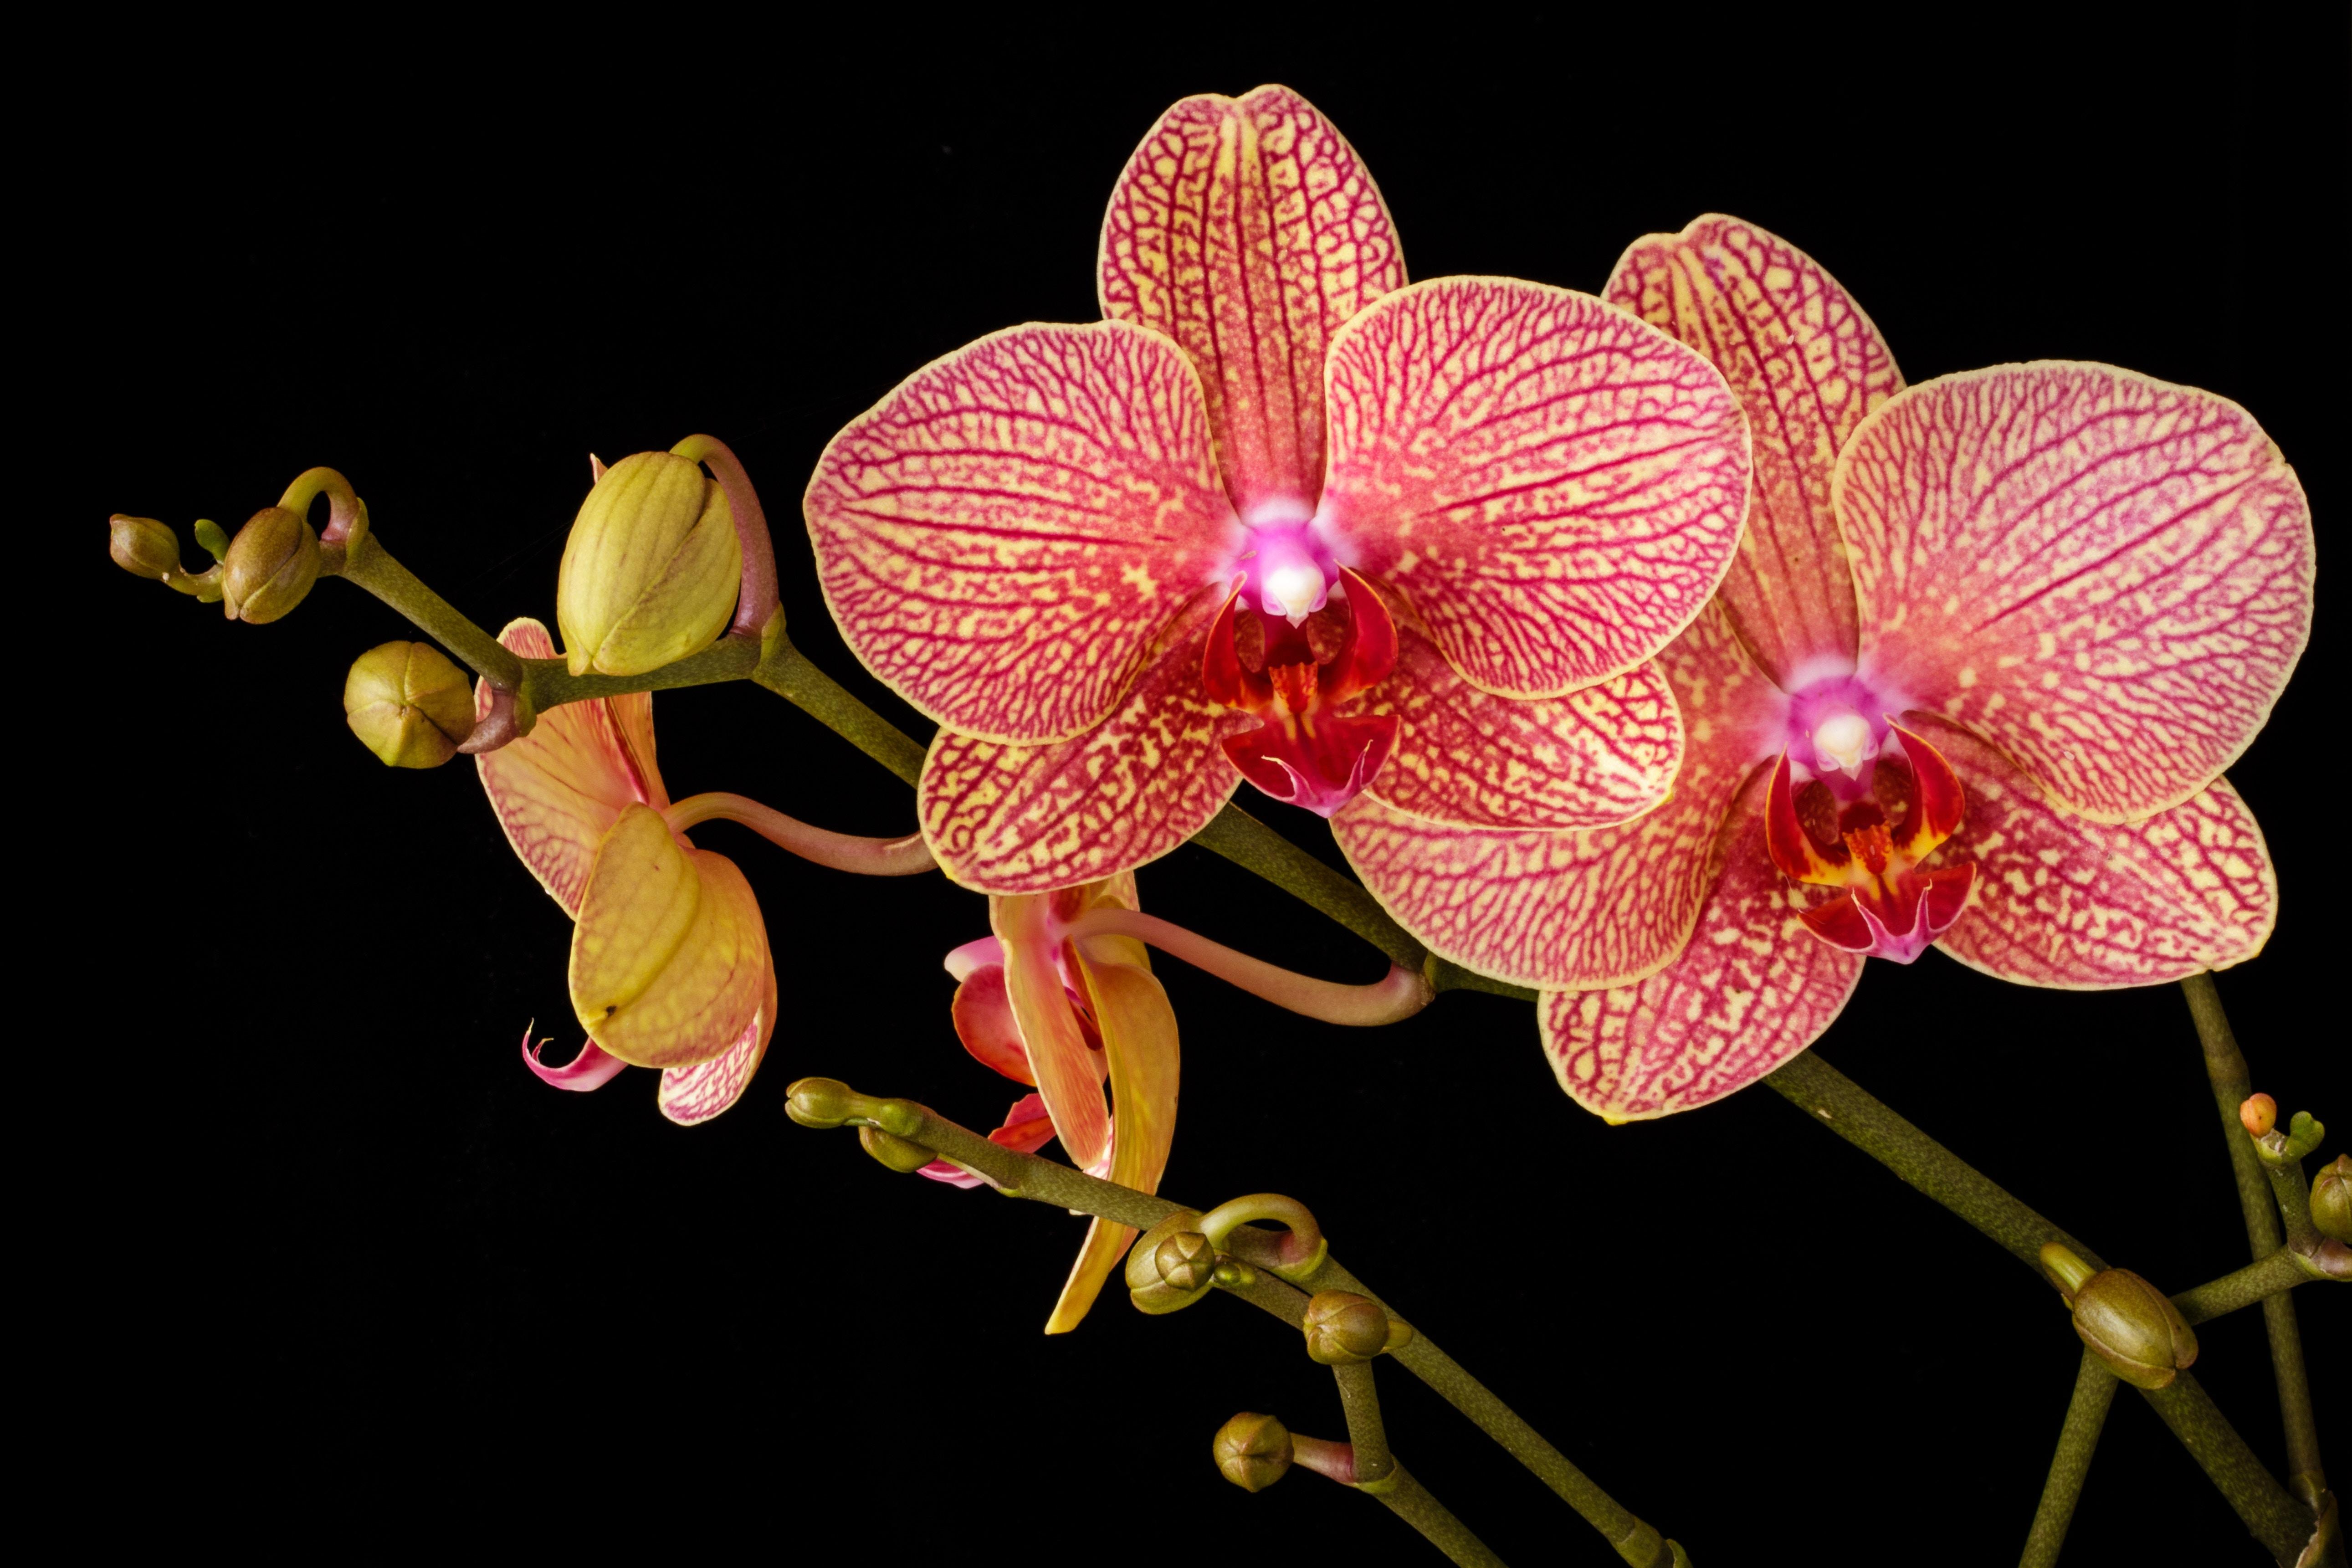 Comment Planter Une Orchidée les conseils pour refleurir une orchidée !